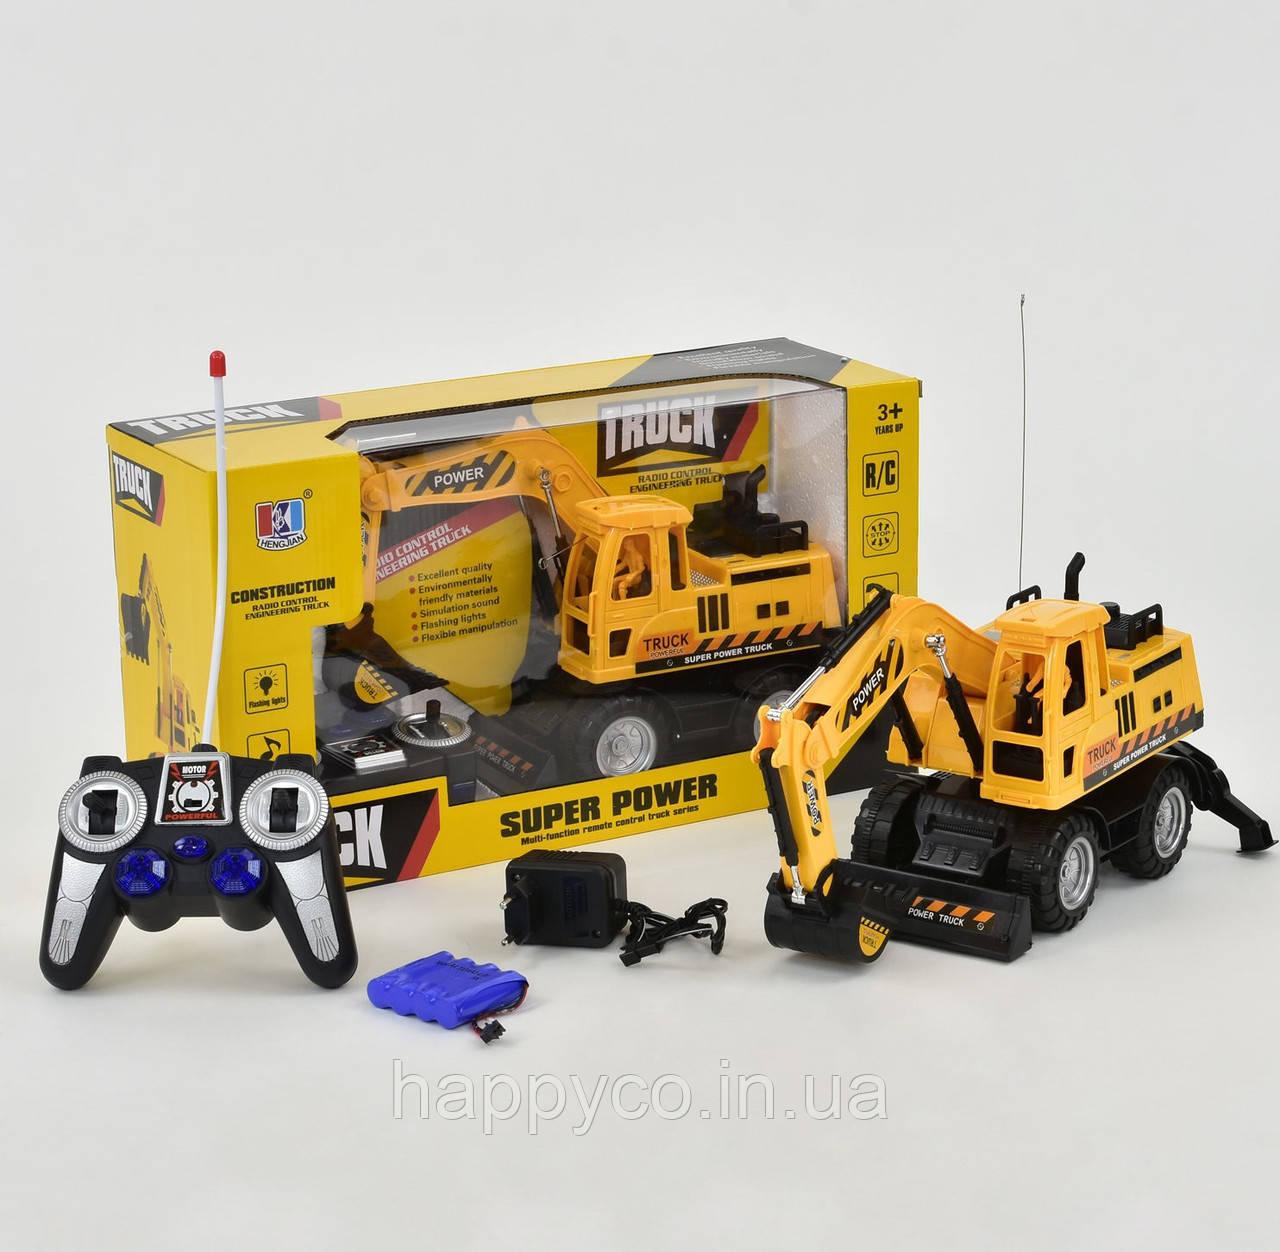 Детская машинка Экскаватор р/у  аккум 4,8 V, свет, звук,интерактивная игрушка (немного примята коробка)